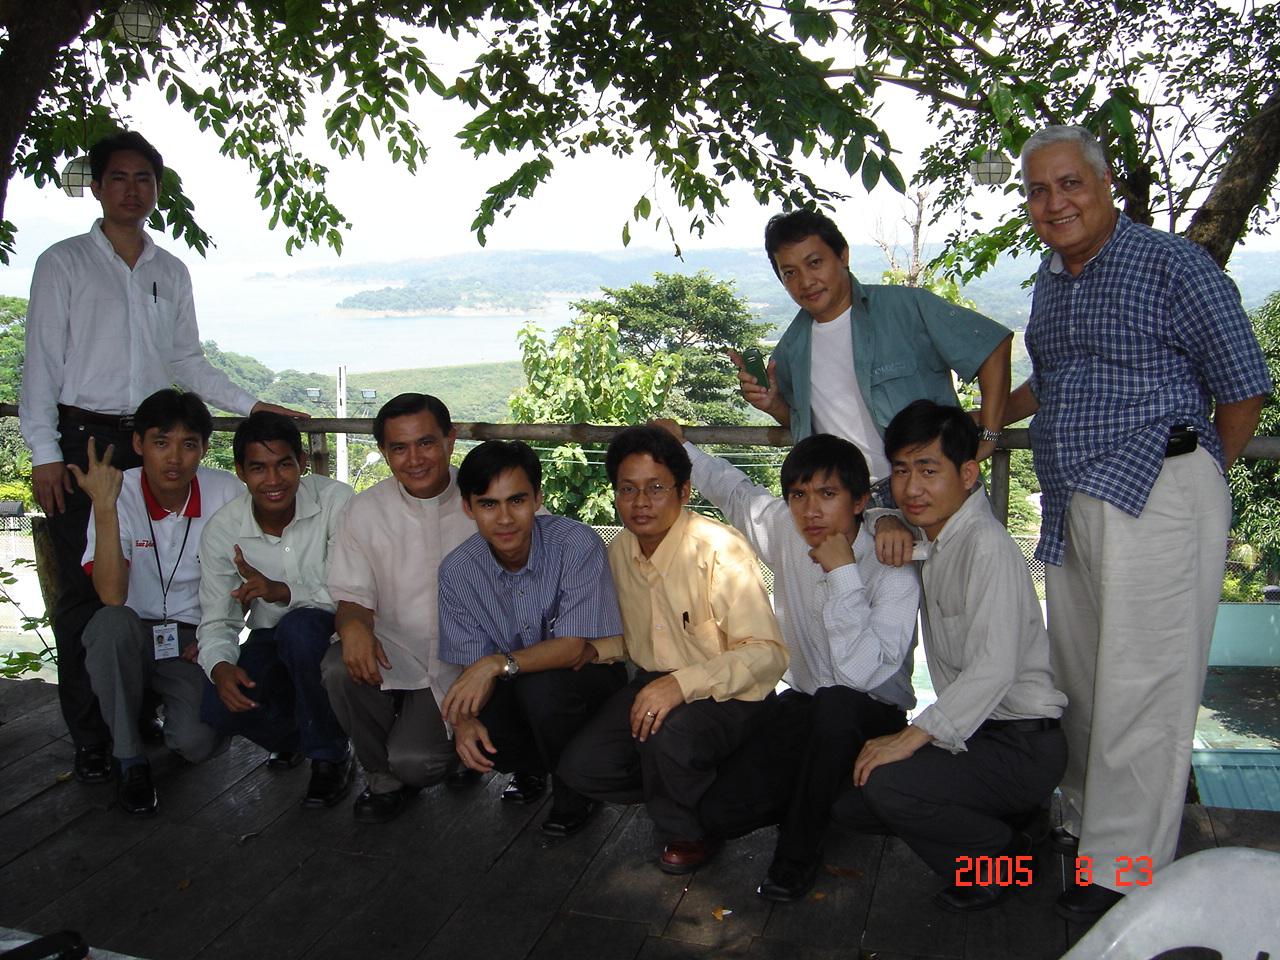 DSC01972, Sony DSC-P93A